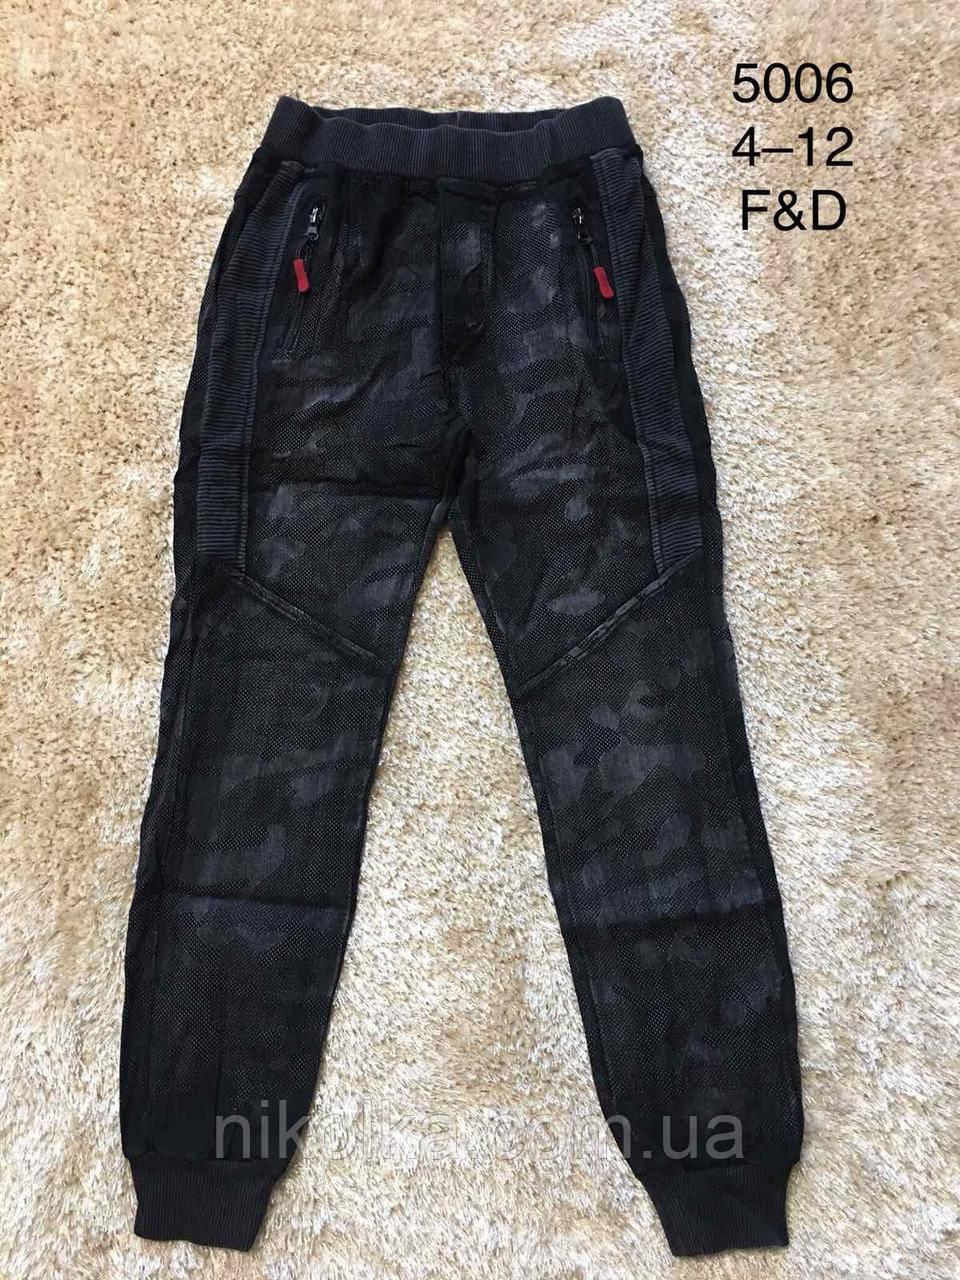 Брюки под джинс для мальчиков оптом, F&D, 4-12 лет, Арт. 5006